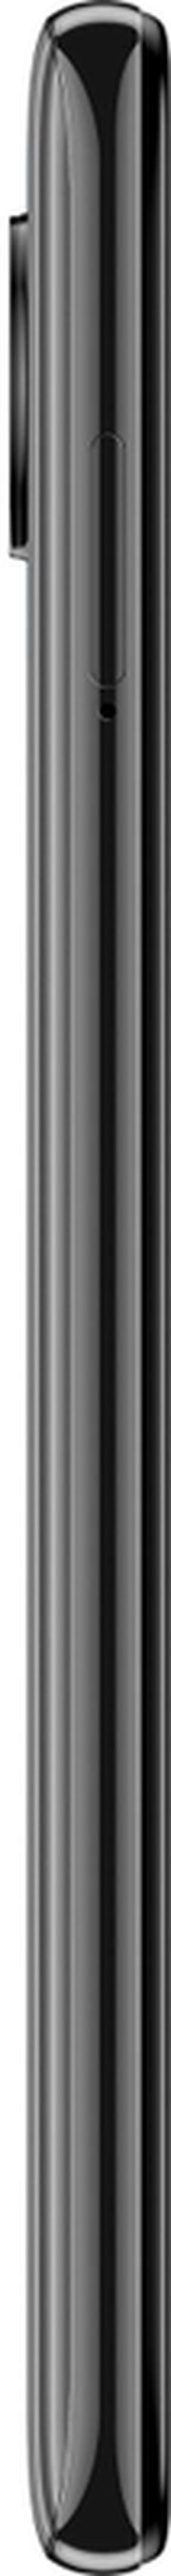 Мобильный телефон Xiaomi Poco X3 6Gb/64GB Grey